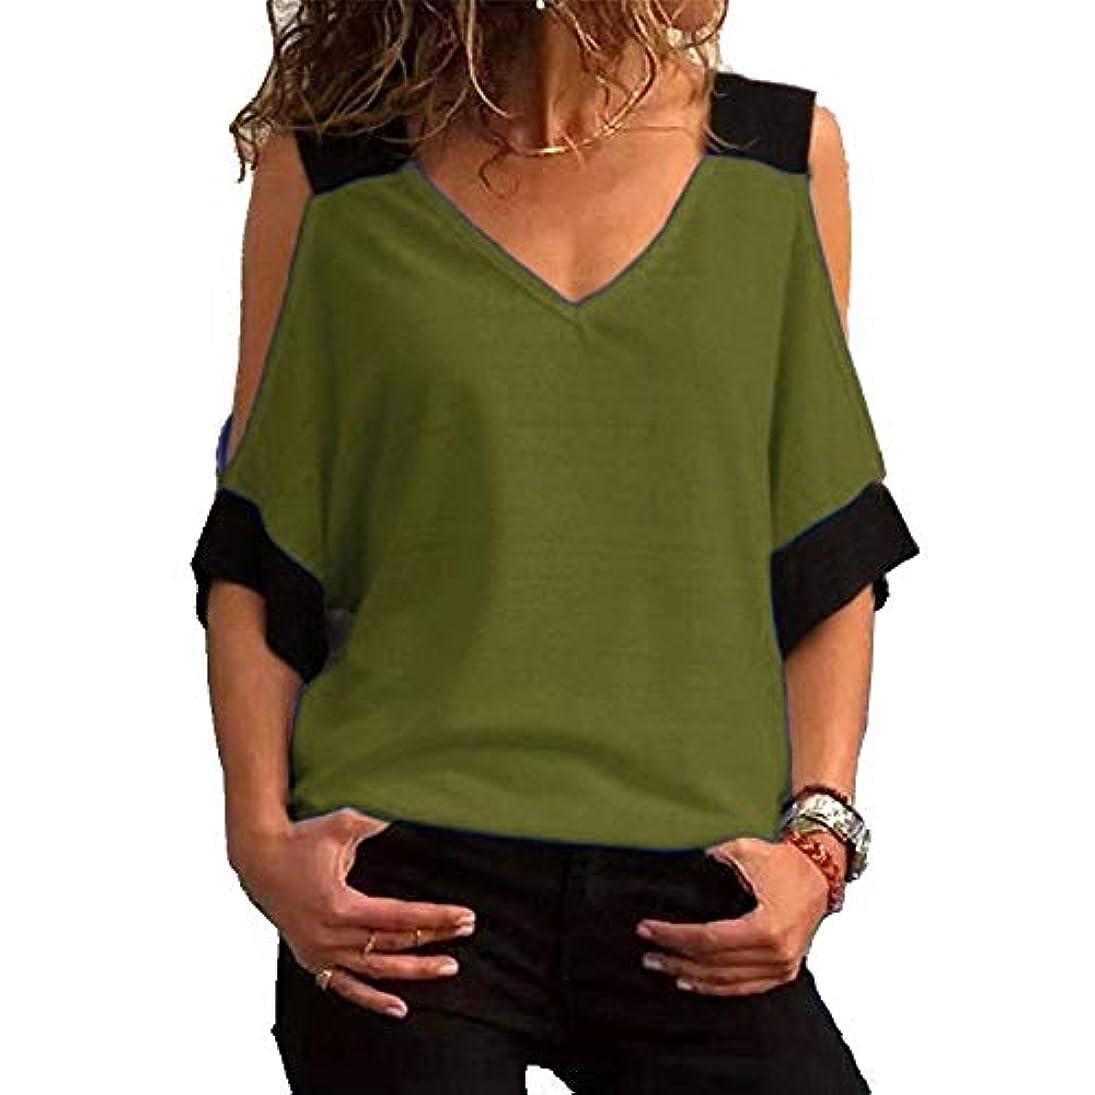 苦情文句海軍交差点MIFAN女性ファッションカジュアルトップス女性ショルダーブラウスコットンTシャツディープVネック半袖